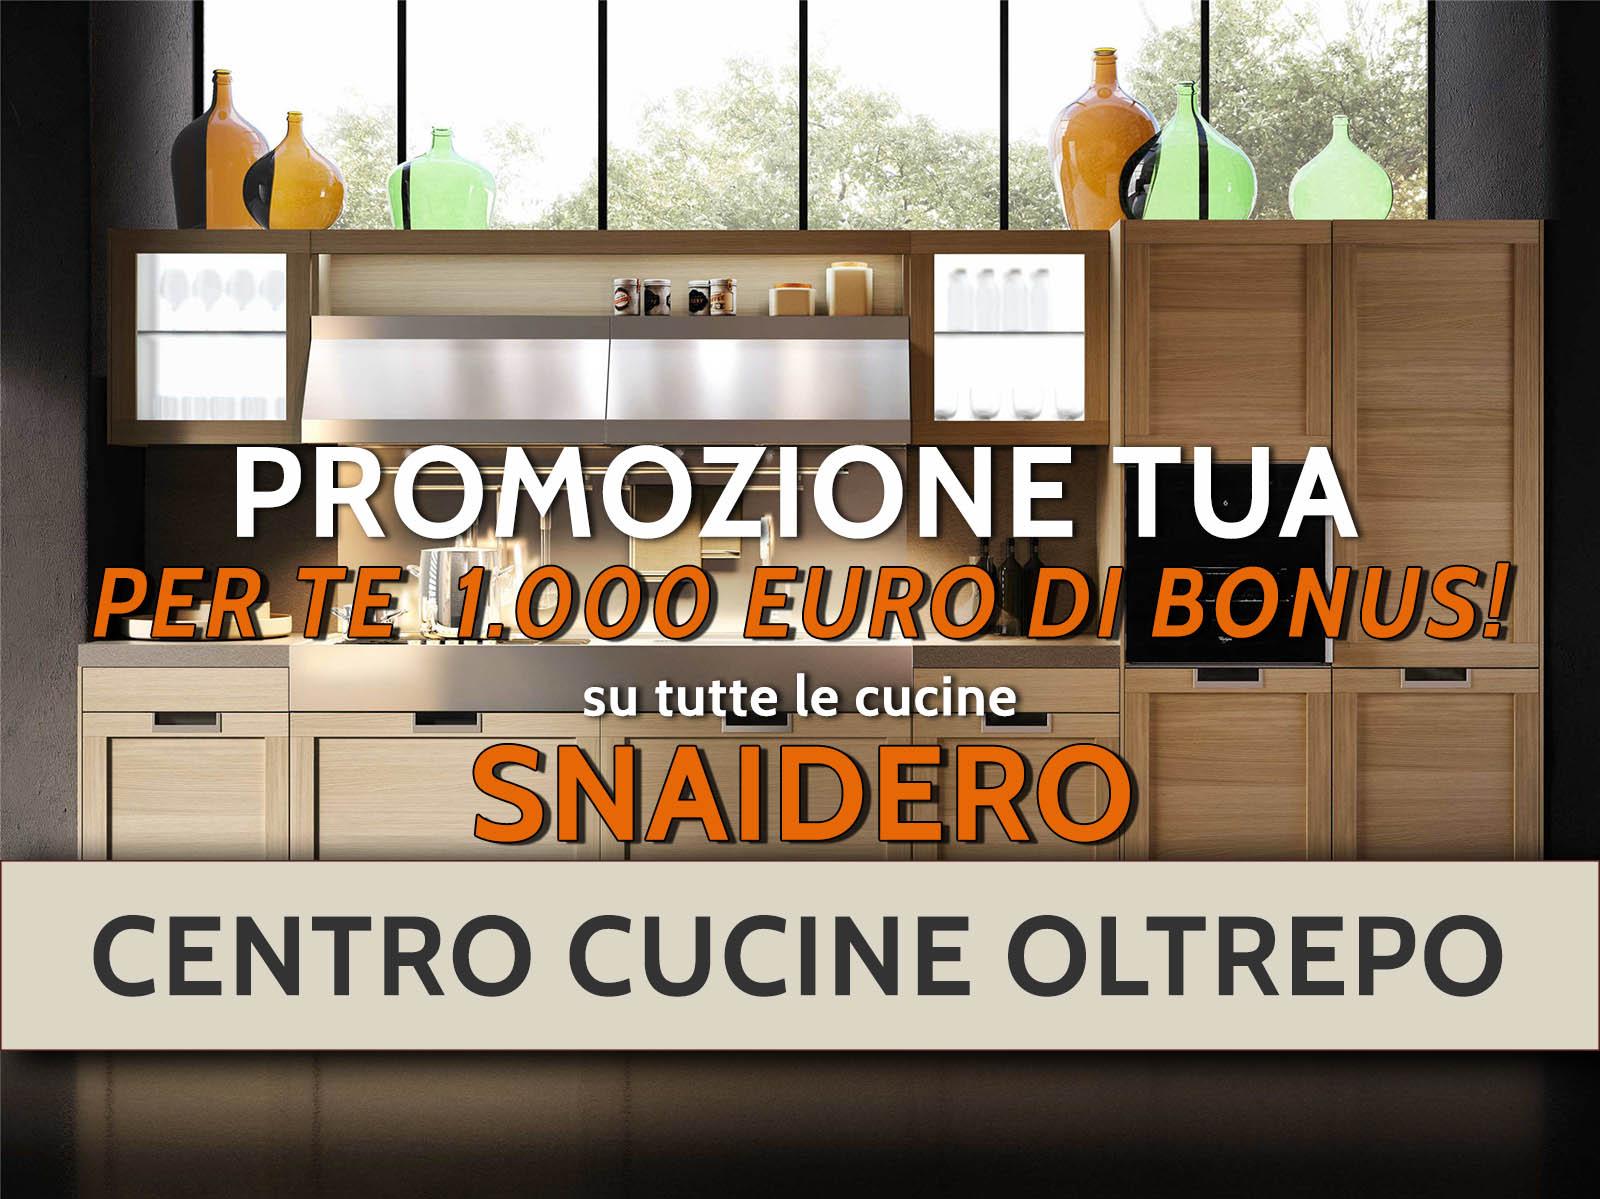 Promozione snaidero centro cucine oltrepo centro cucine oltrepo - Cucine a 1000 euro ...